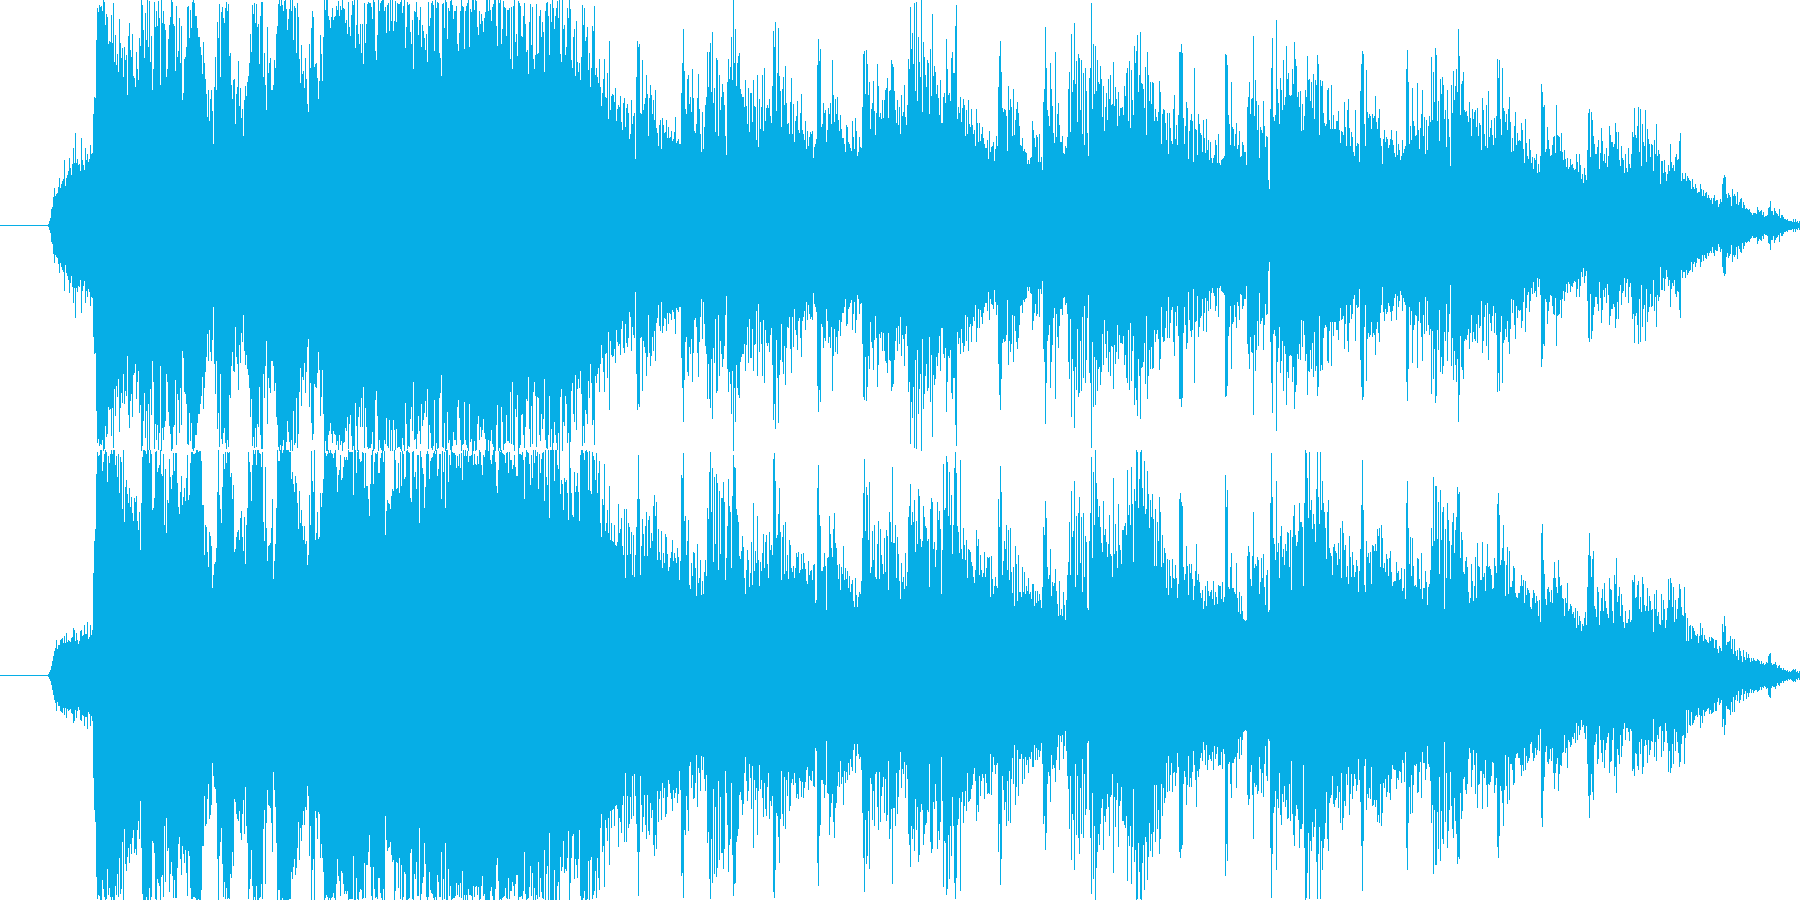 RPG/エルフファンタジー/リザルトの再生済みの波形